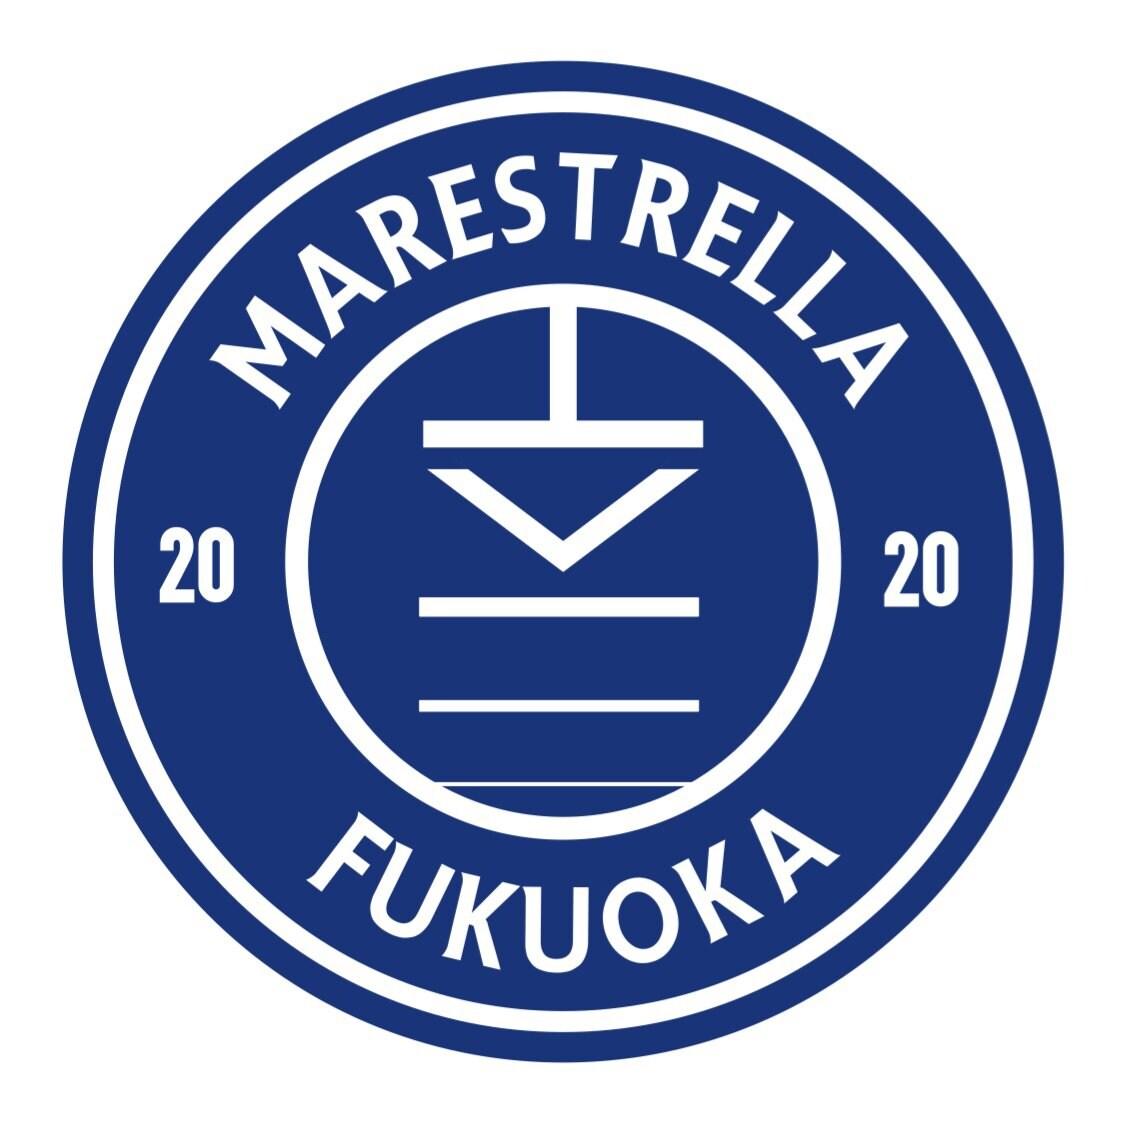 マレストレージャ福岡 2021リーグ試合費のイメージその1